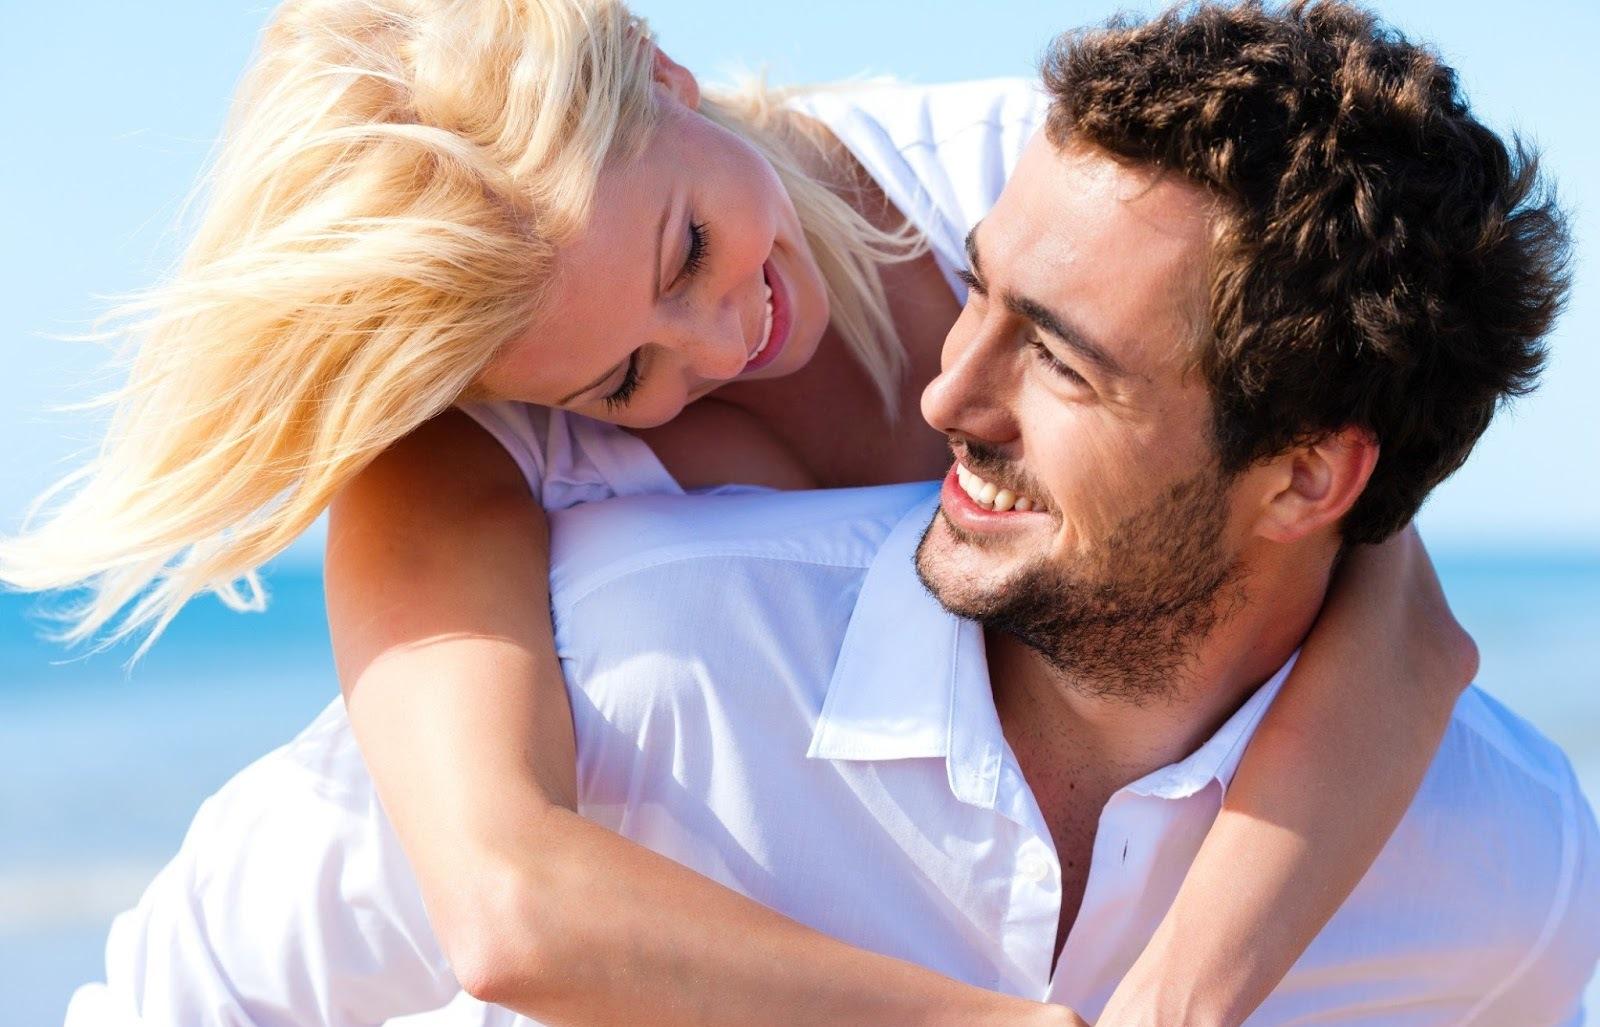 могут ли хорошие сексуальные отношения стать надежной гарантией стабильности брака